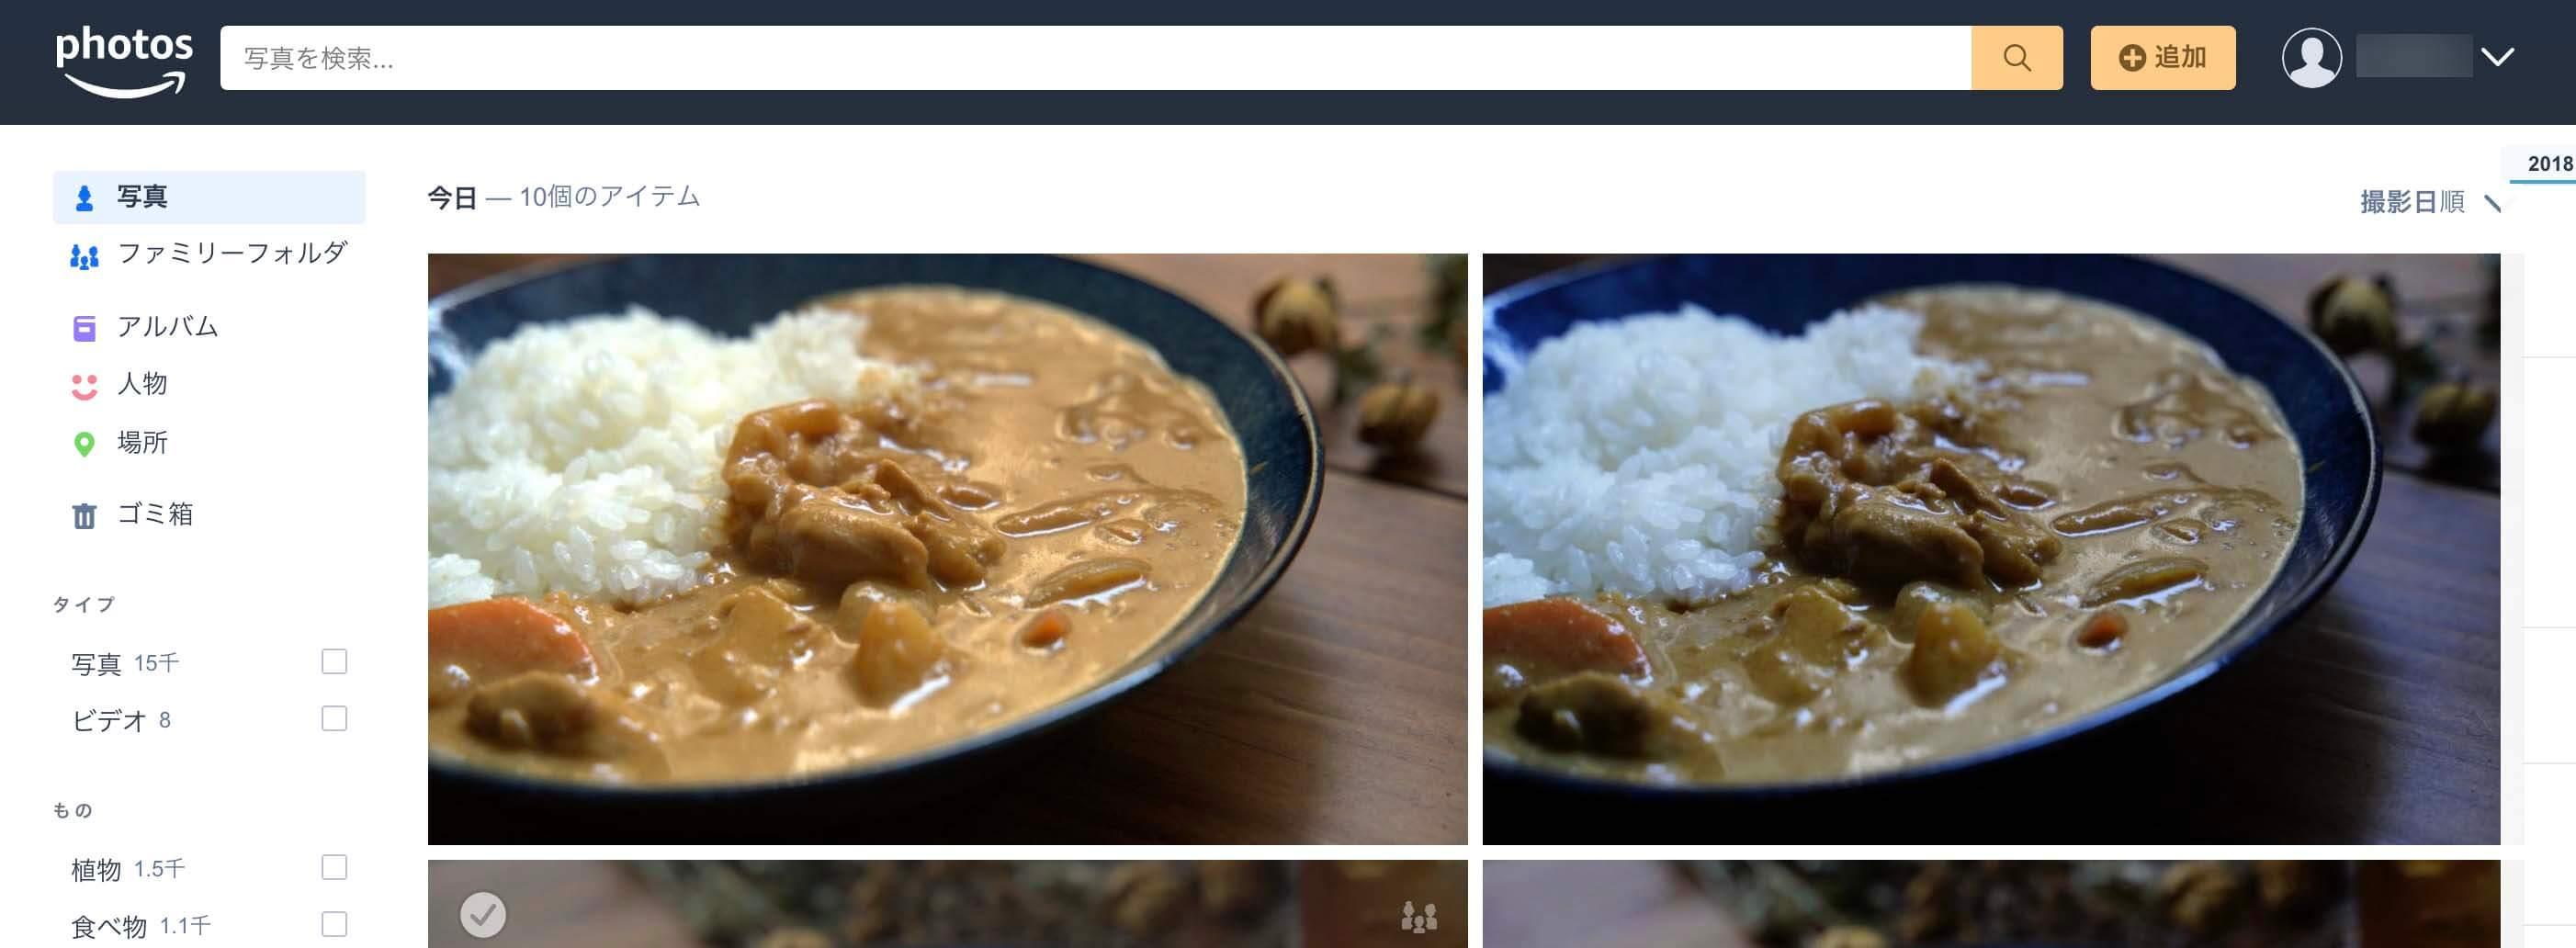 Amazon Photoの画面